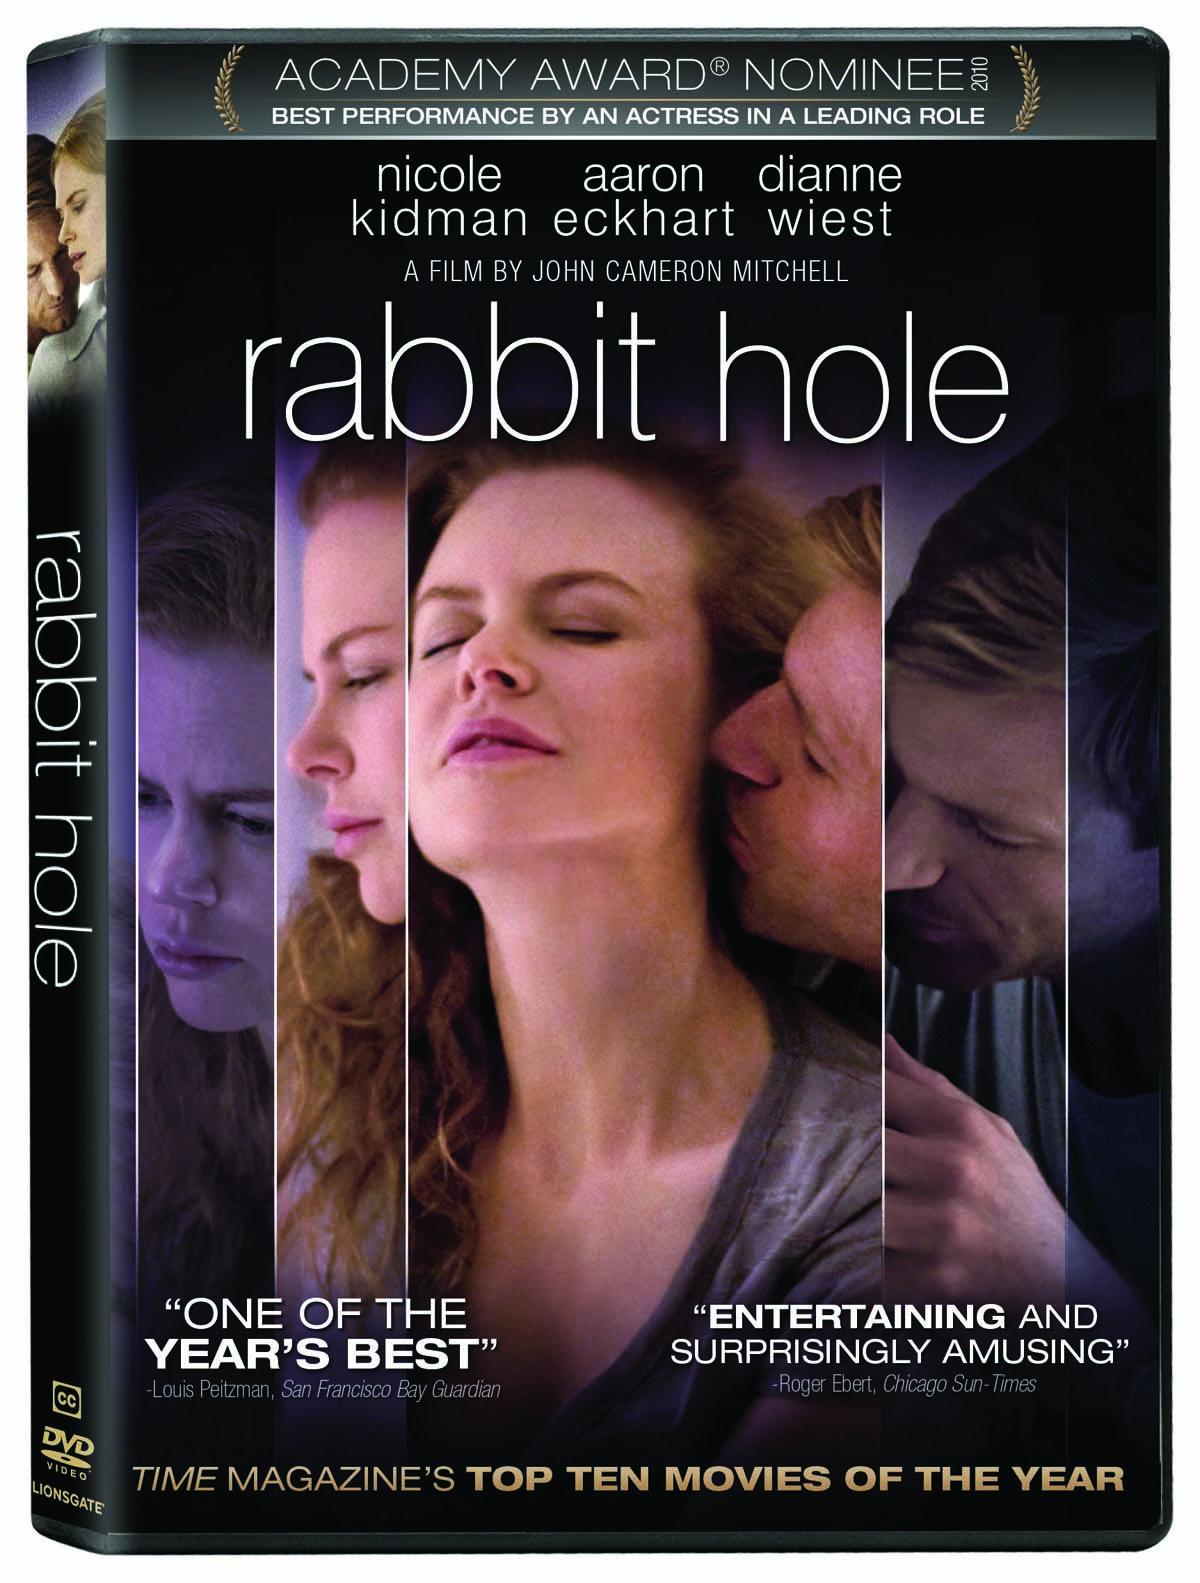 tranny reviews Rabbit